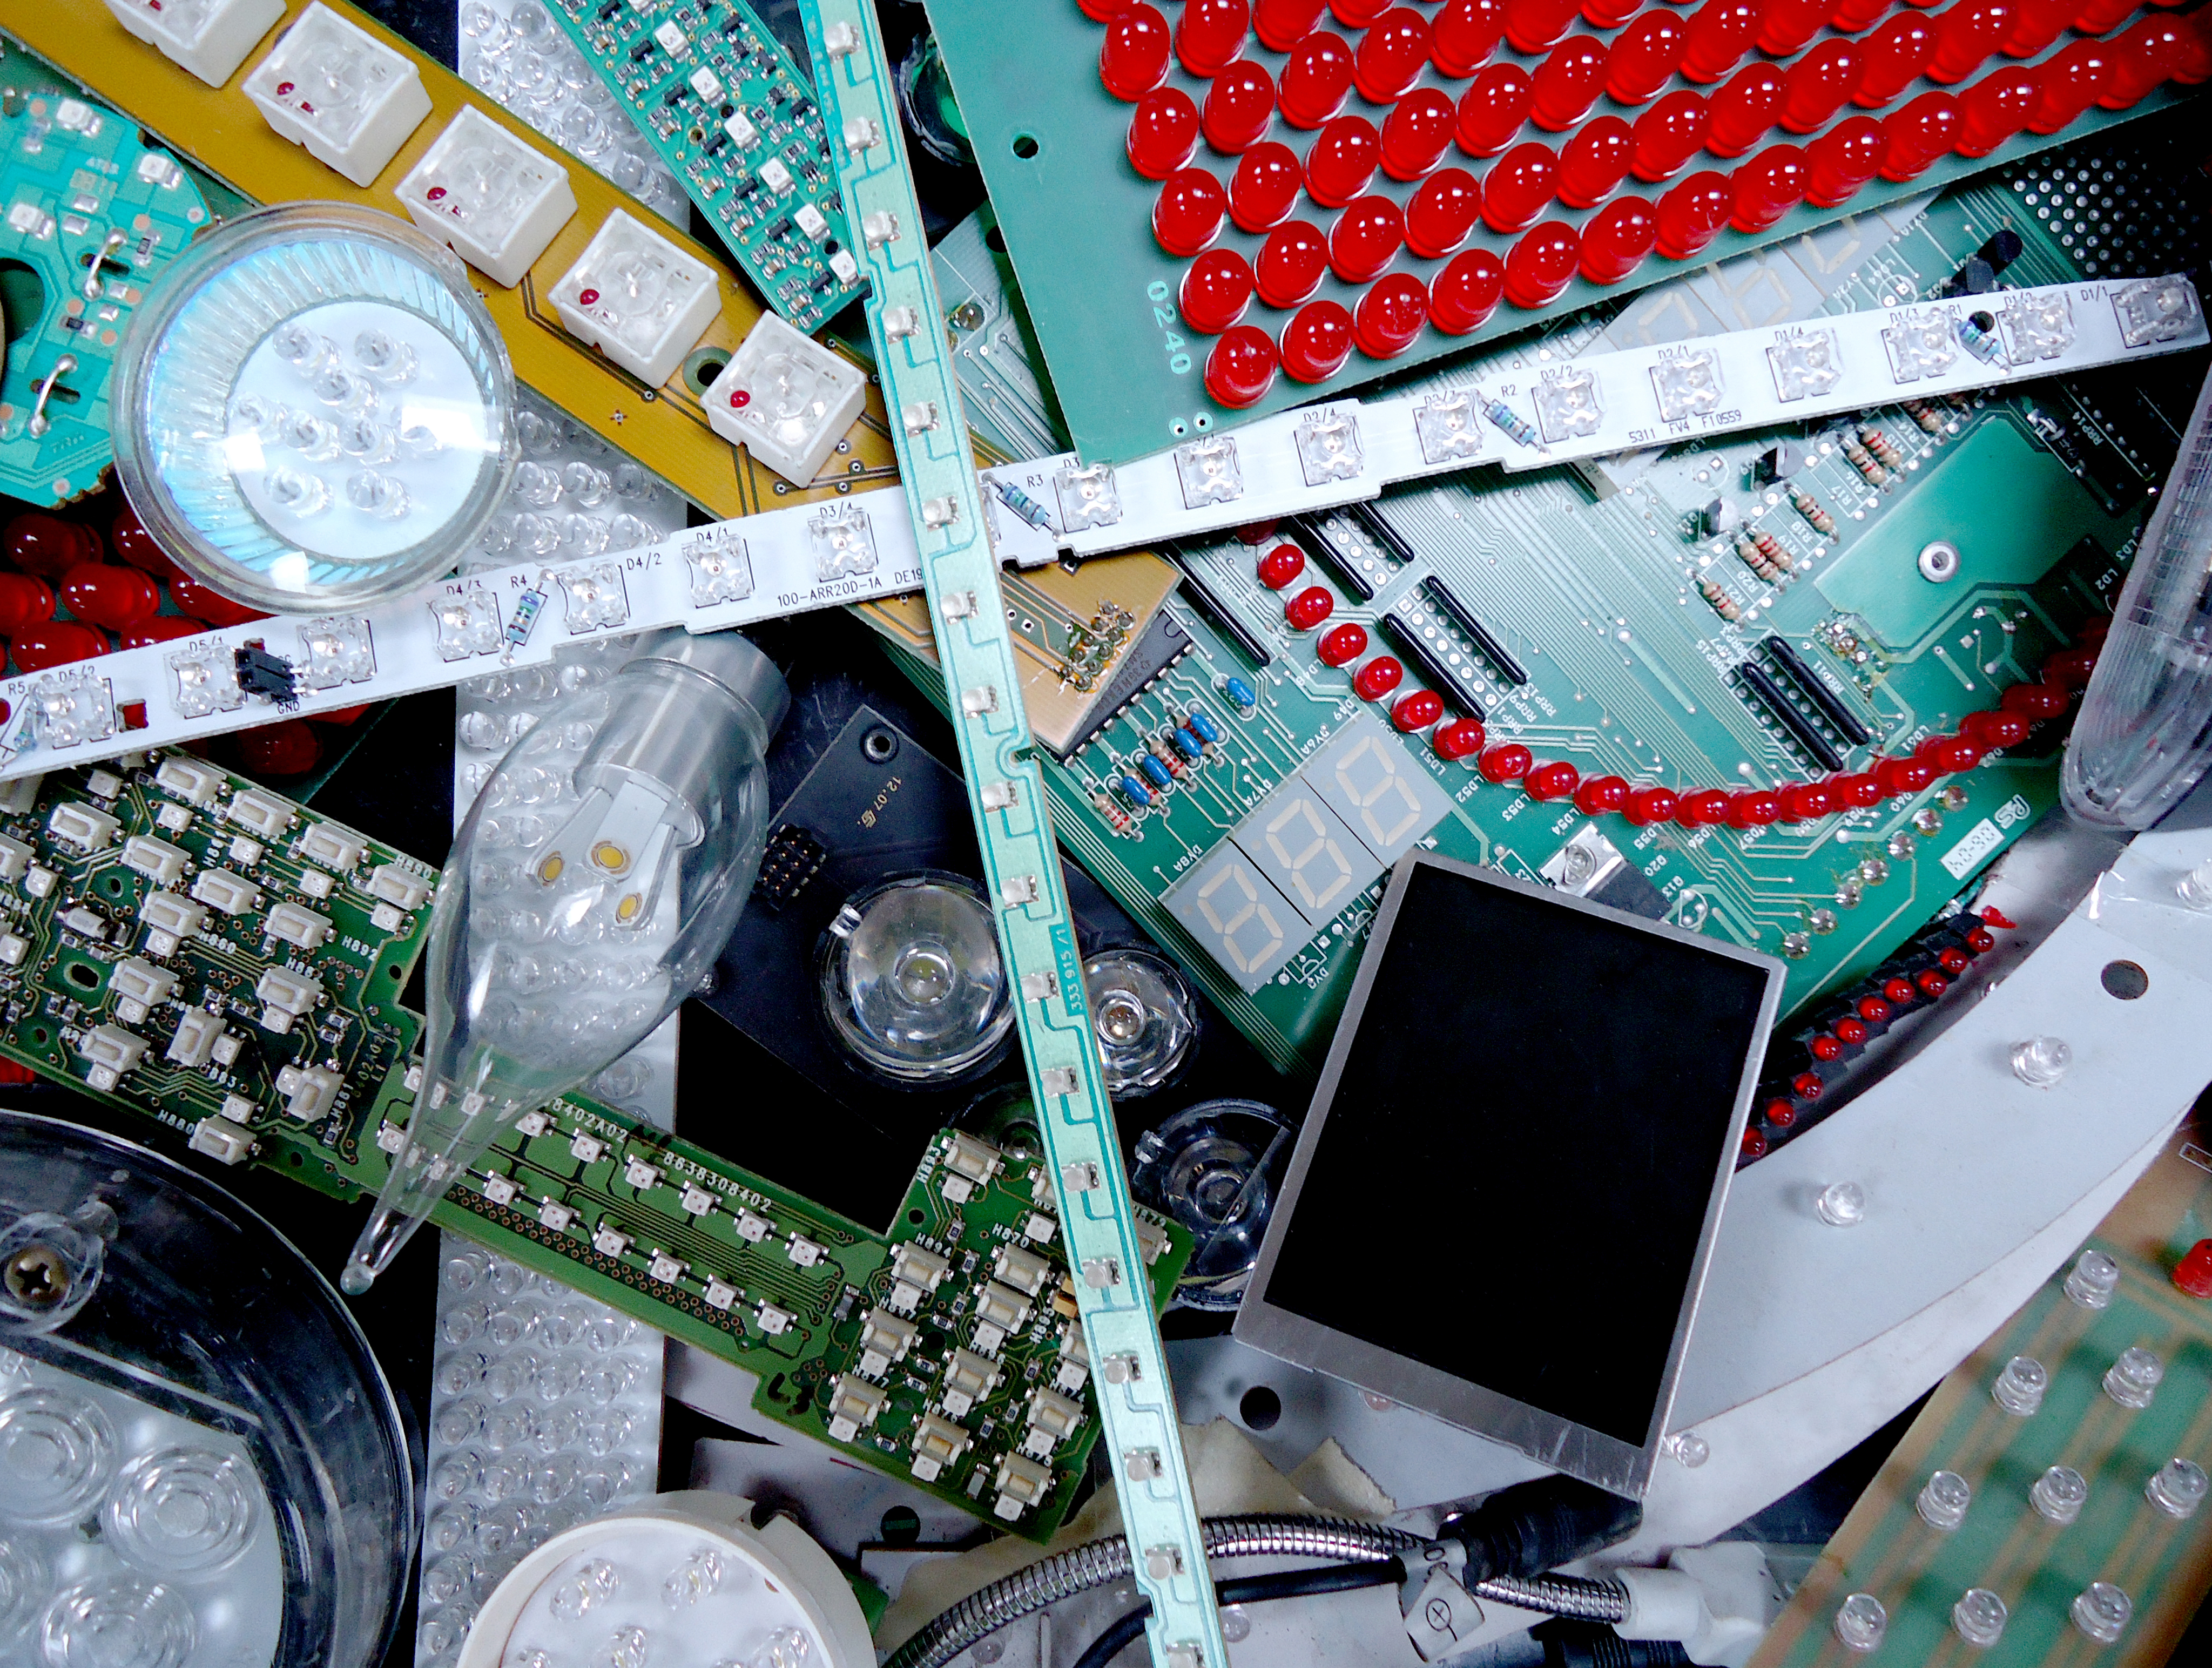 Unilever утилизирует пластиковую упаковку по технологии переработки телевизоров